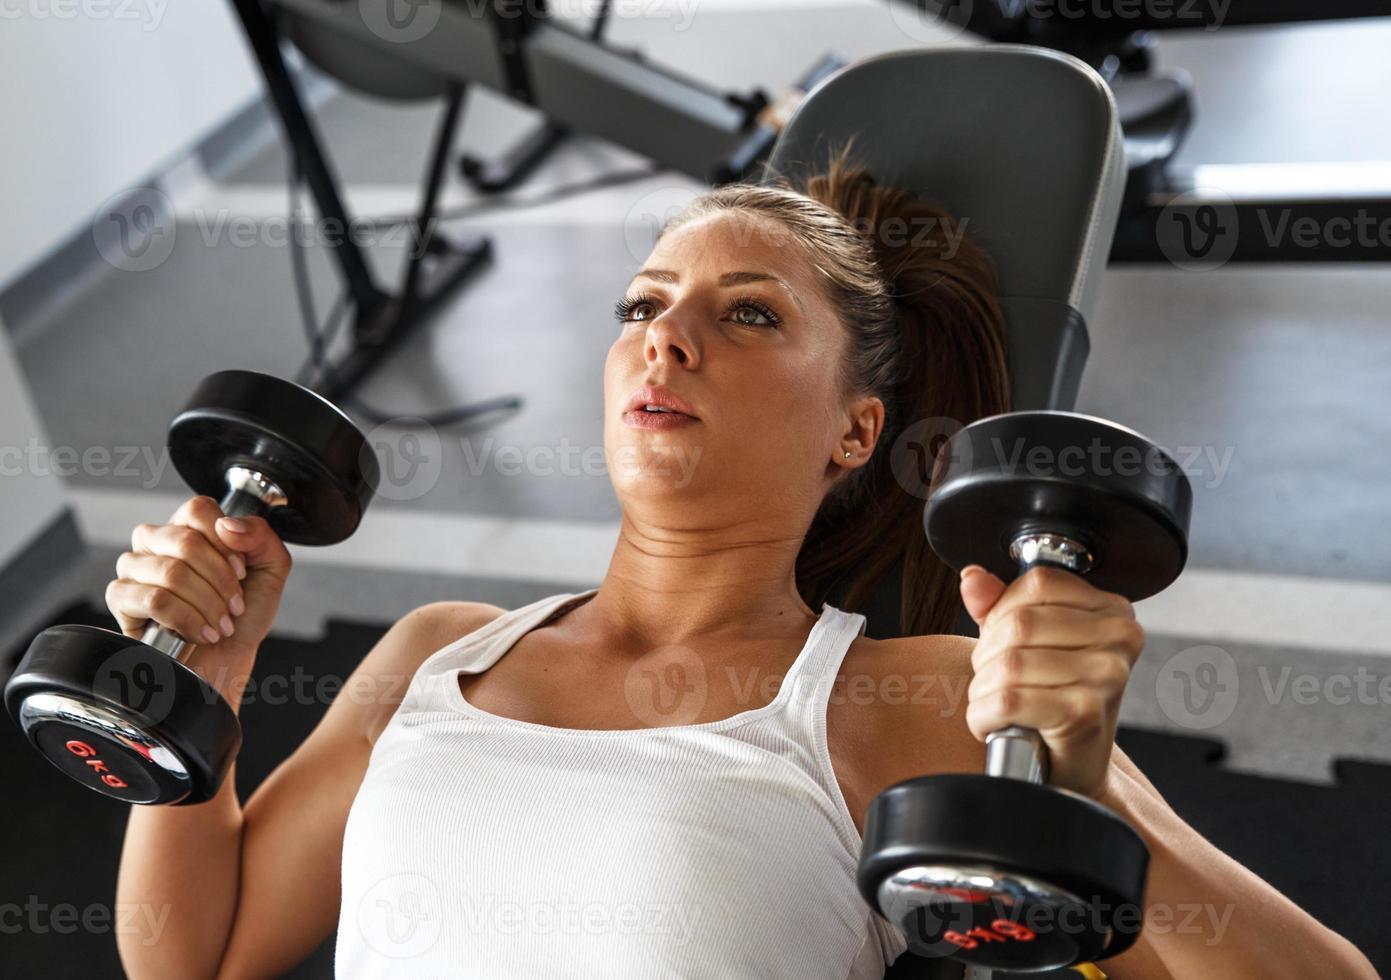 mujer levantando pesas en el gimnasio foto